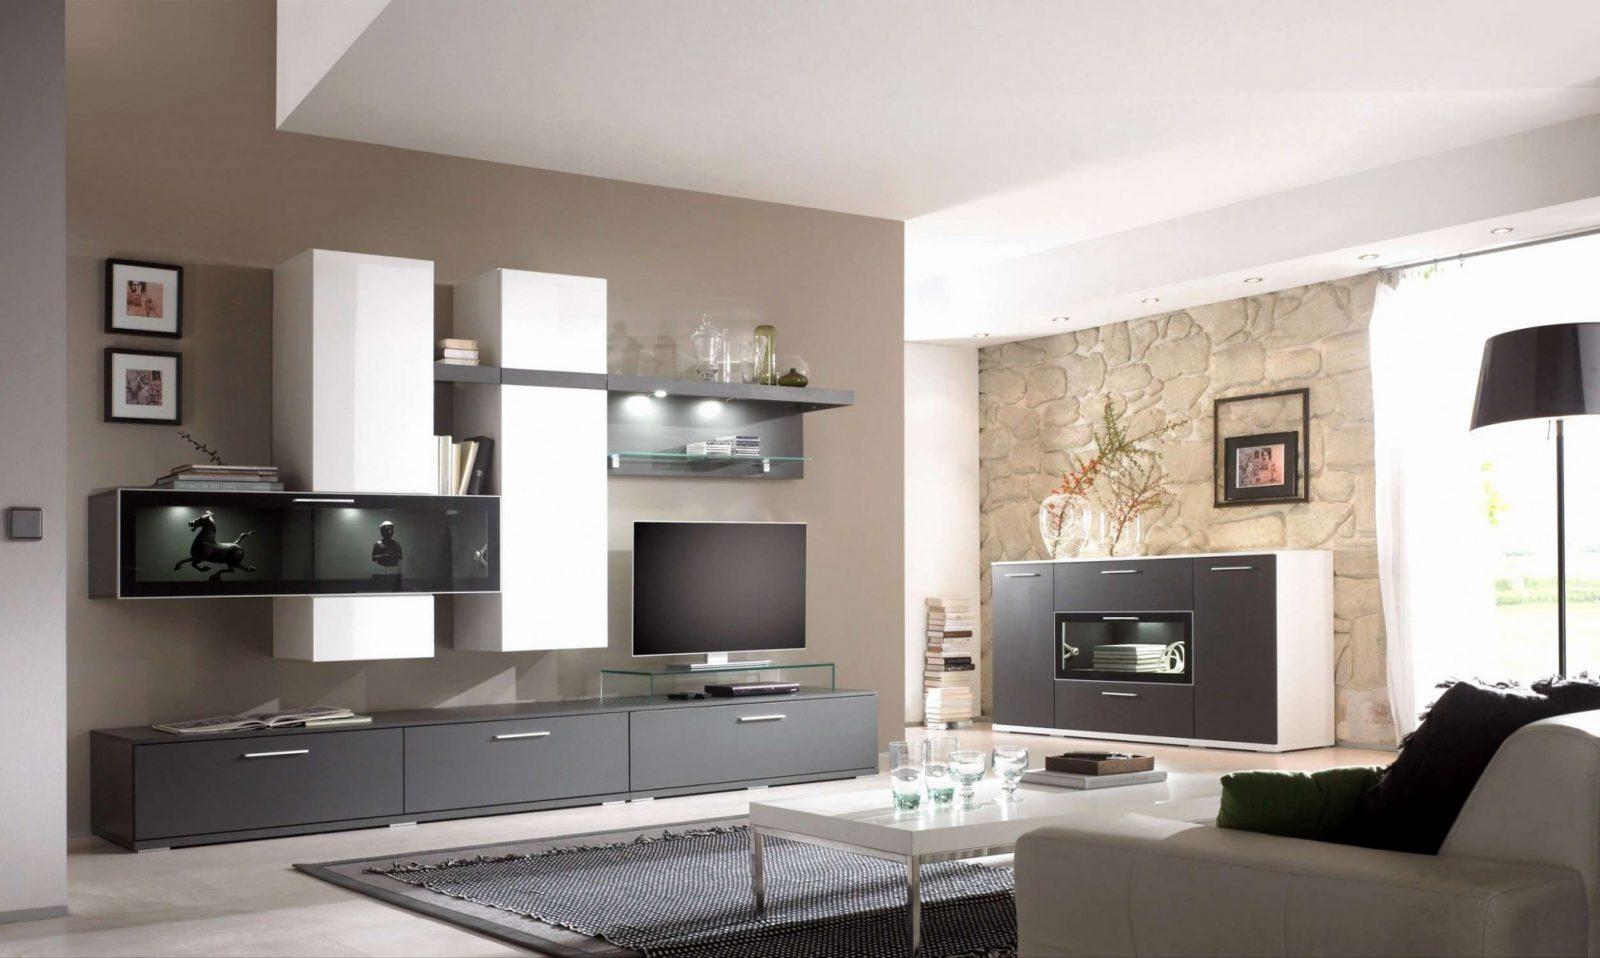 Vorhang Ideen Wohnzimmer Konzept Tipps Von Experten In von Vorhang Ideen Schlafzimmer Bild